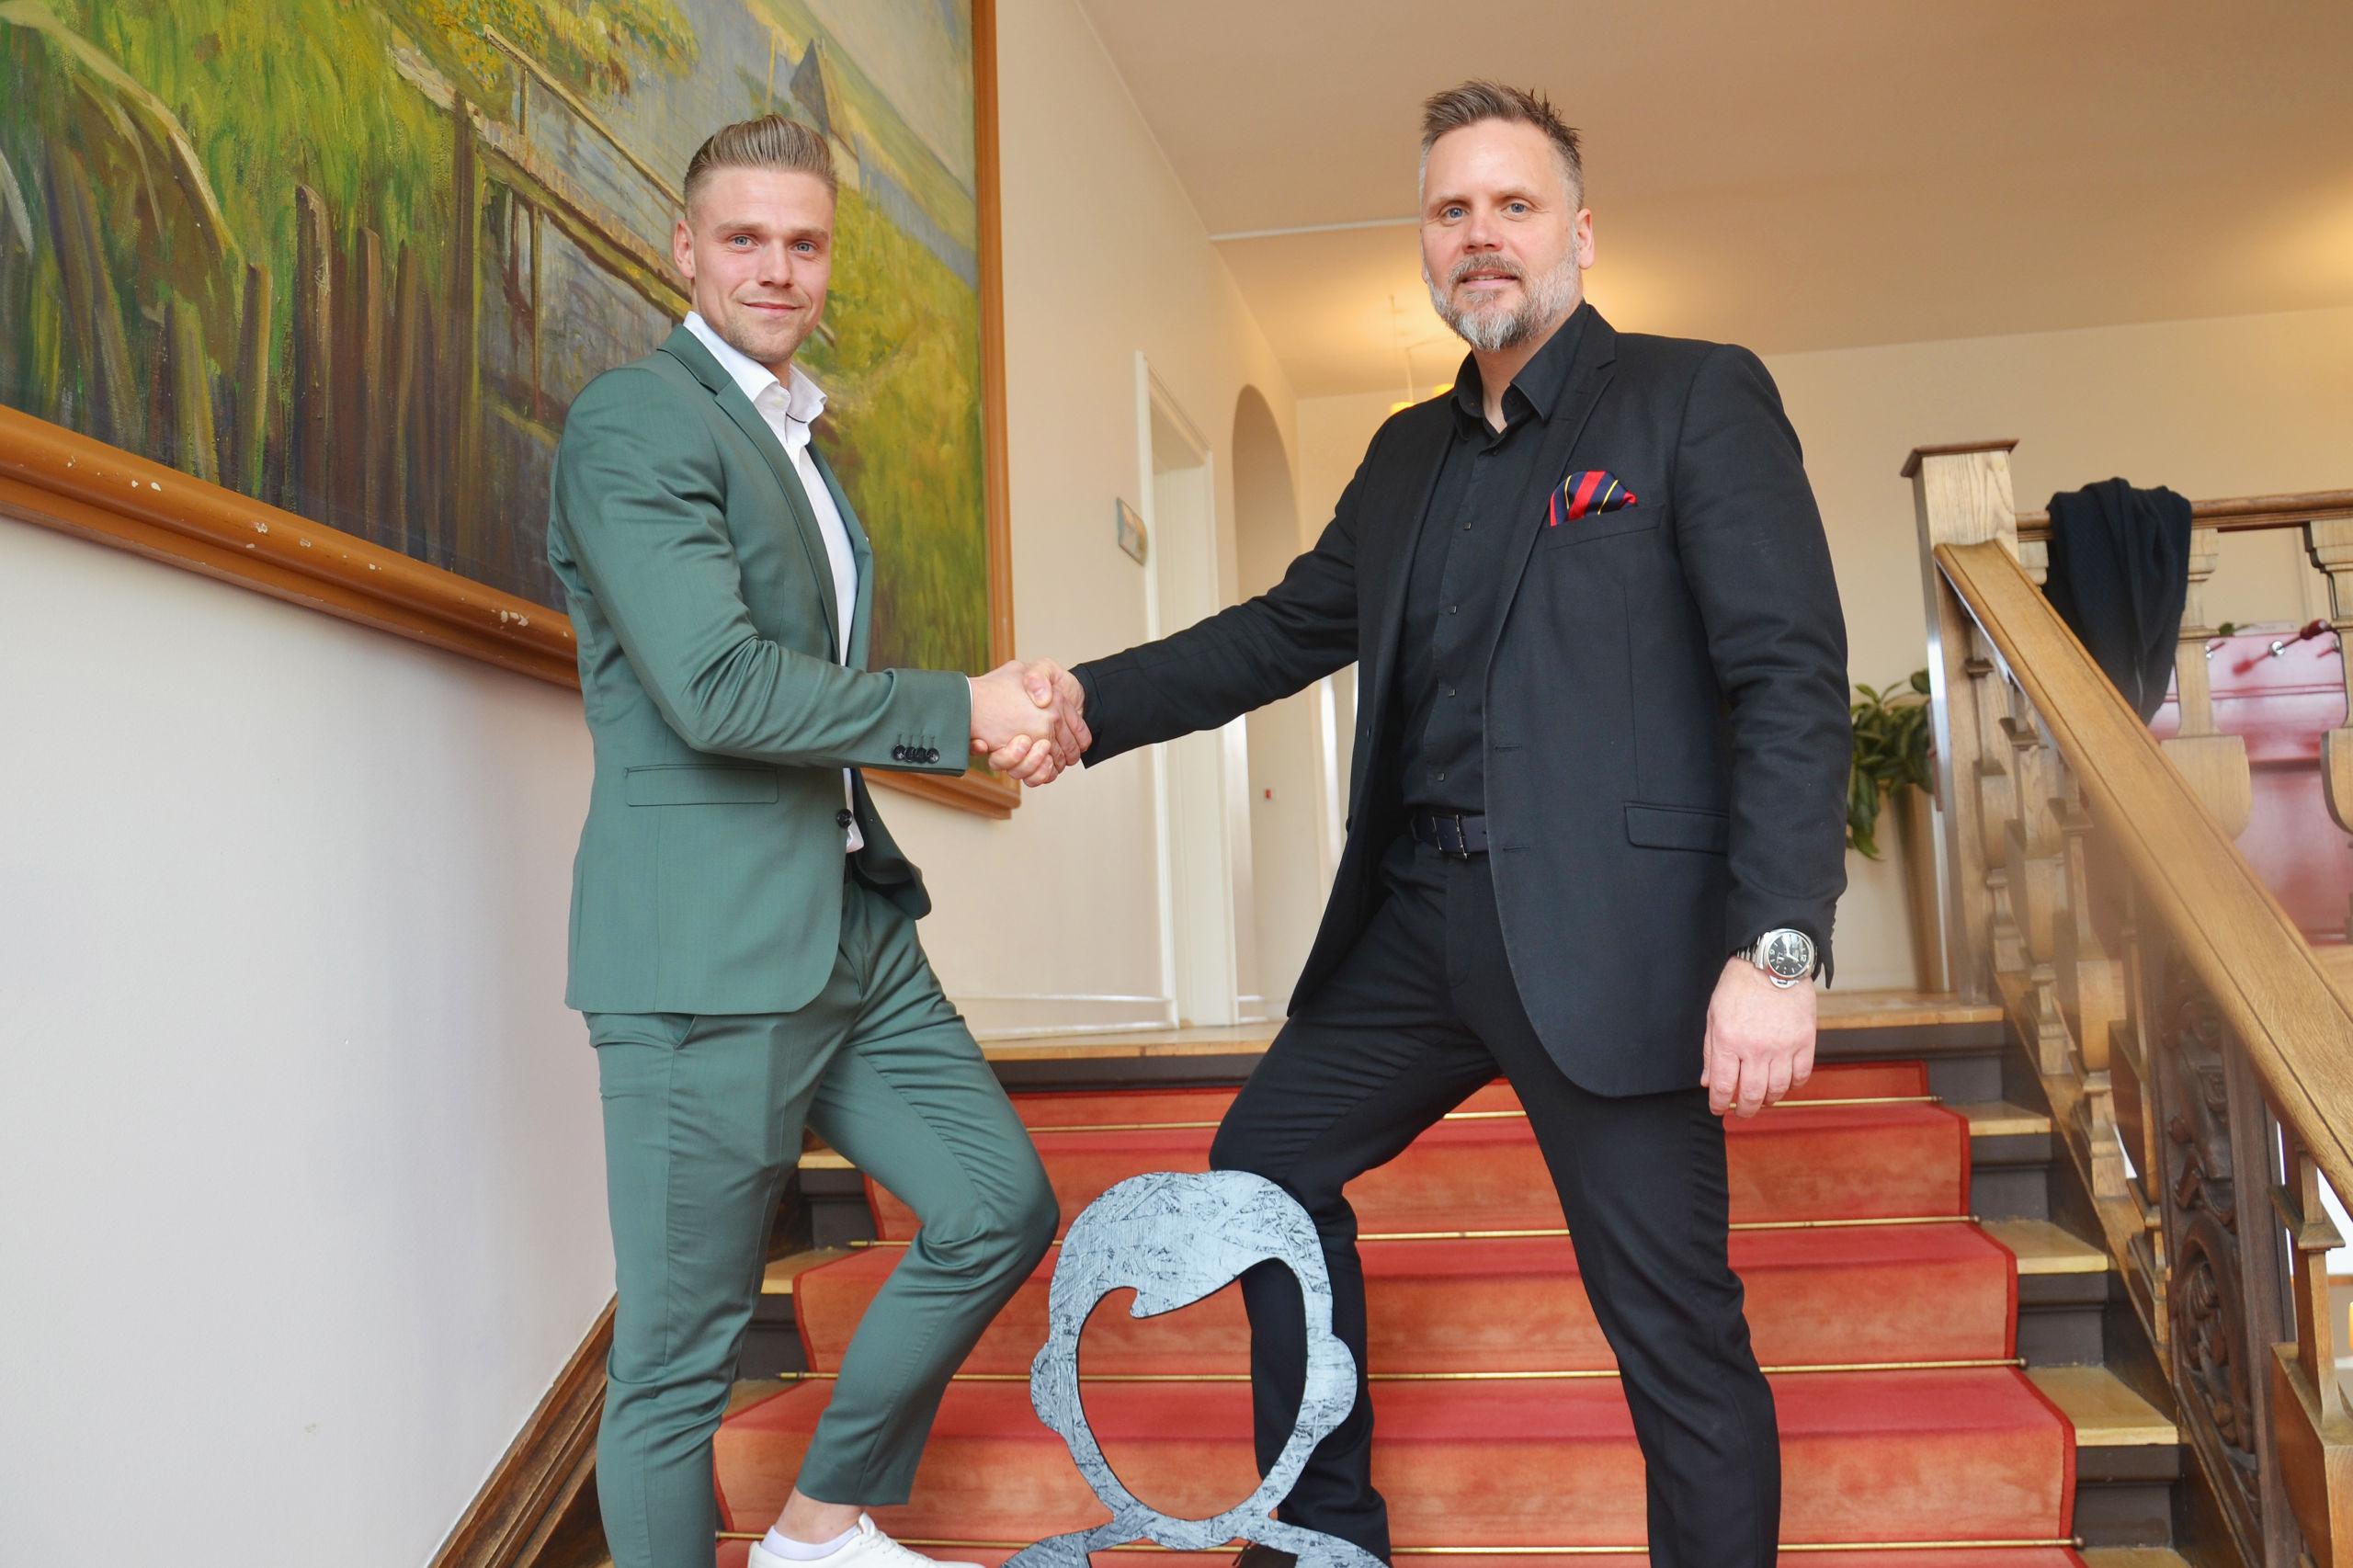 Aalborg-virksomhed indtager Danmark: Det går stærkt hos Waiteer